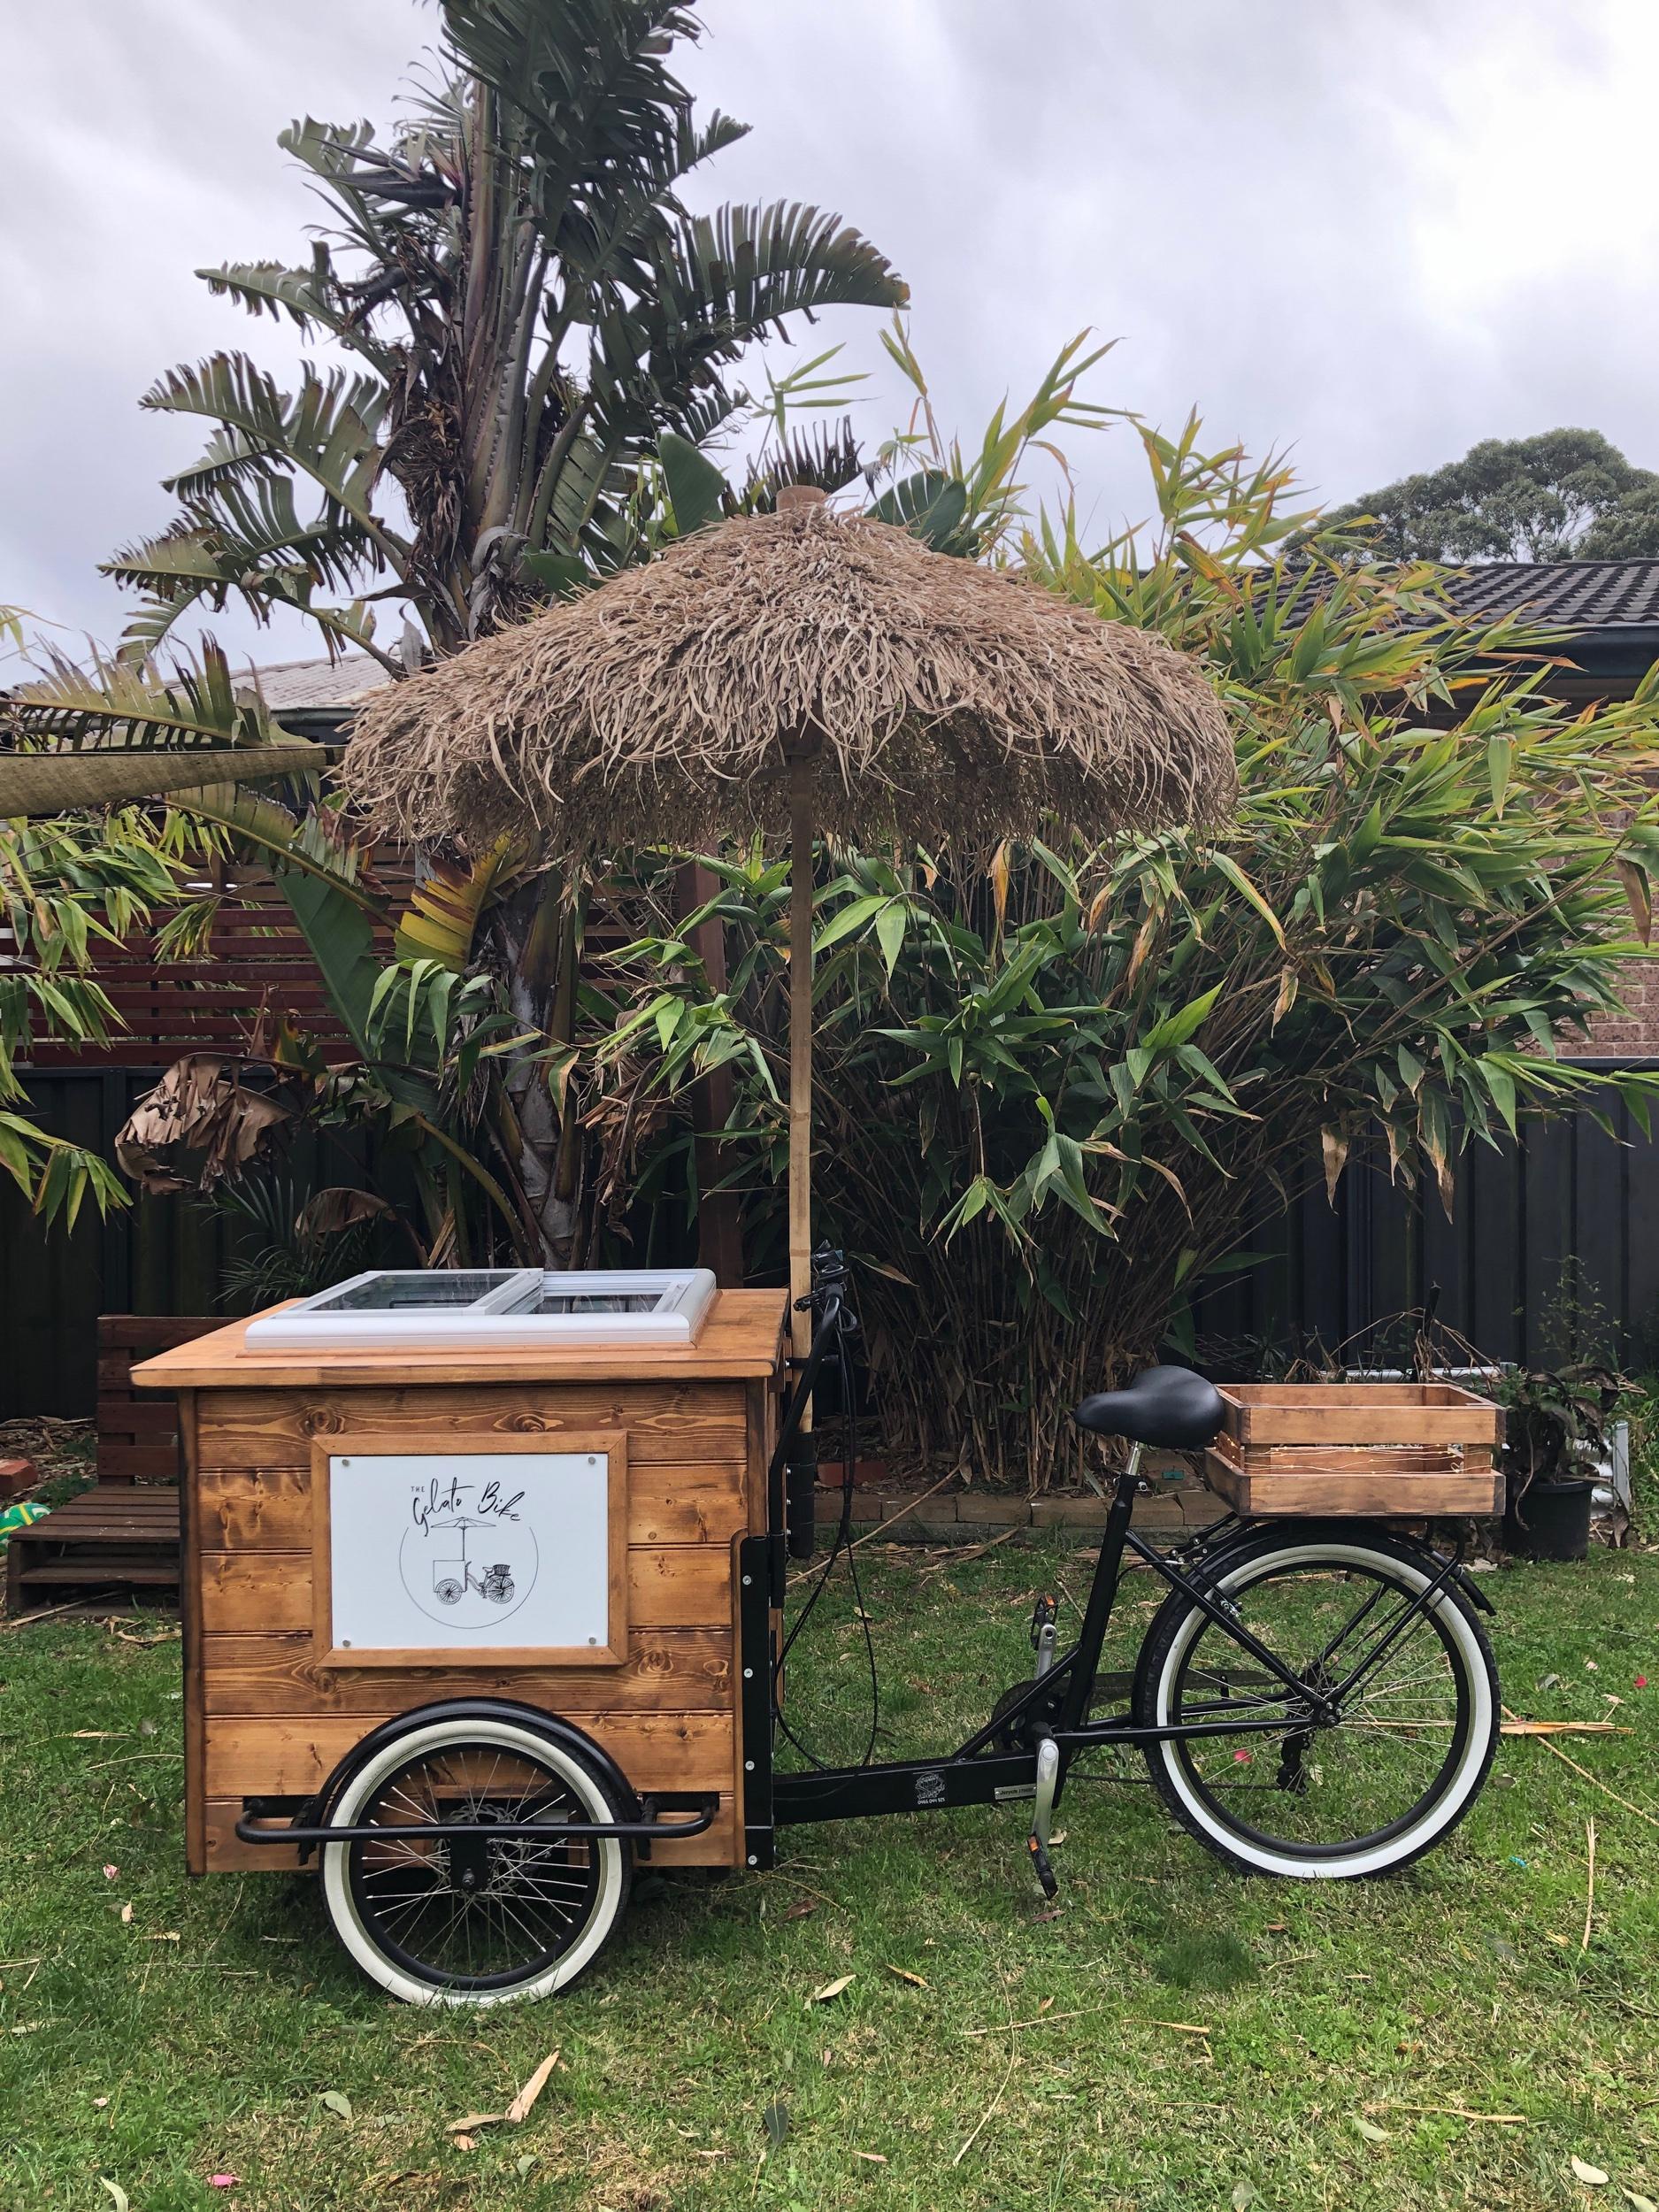 Wood Bike - Seagrass ☂️